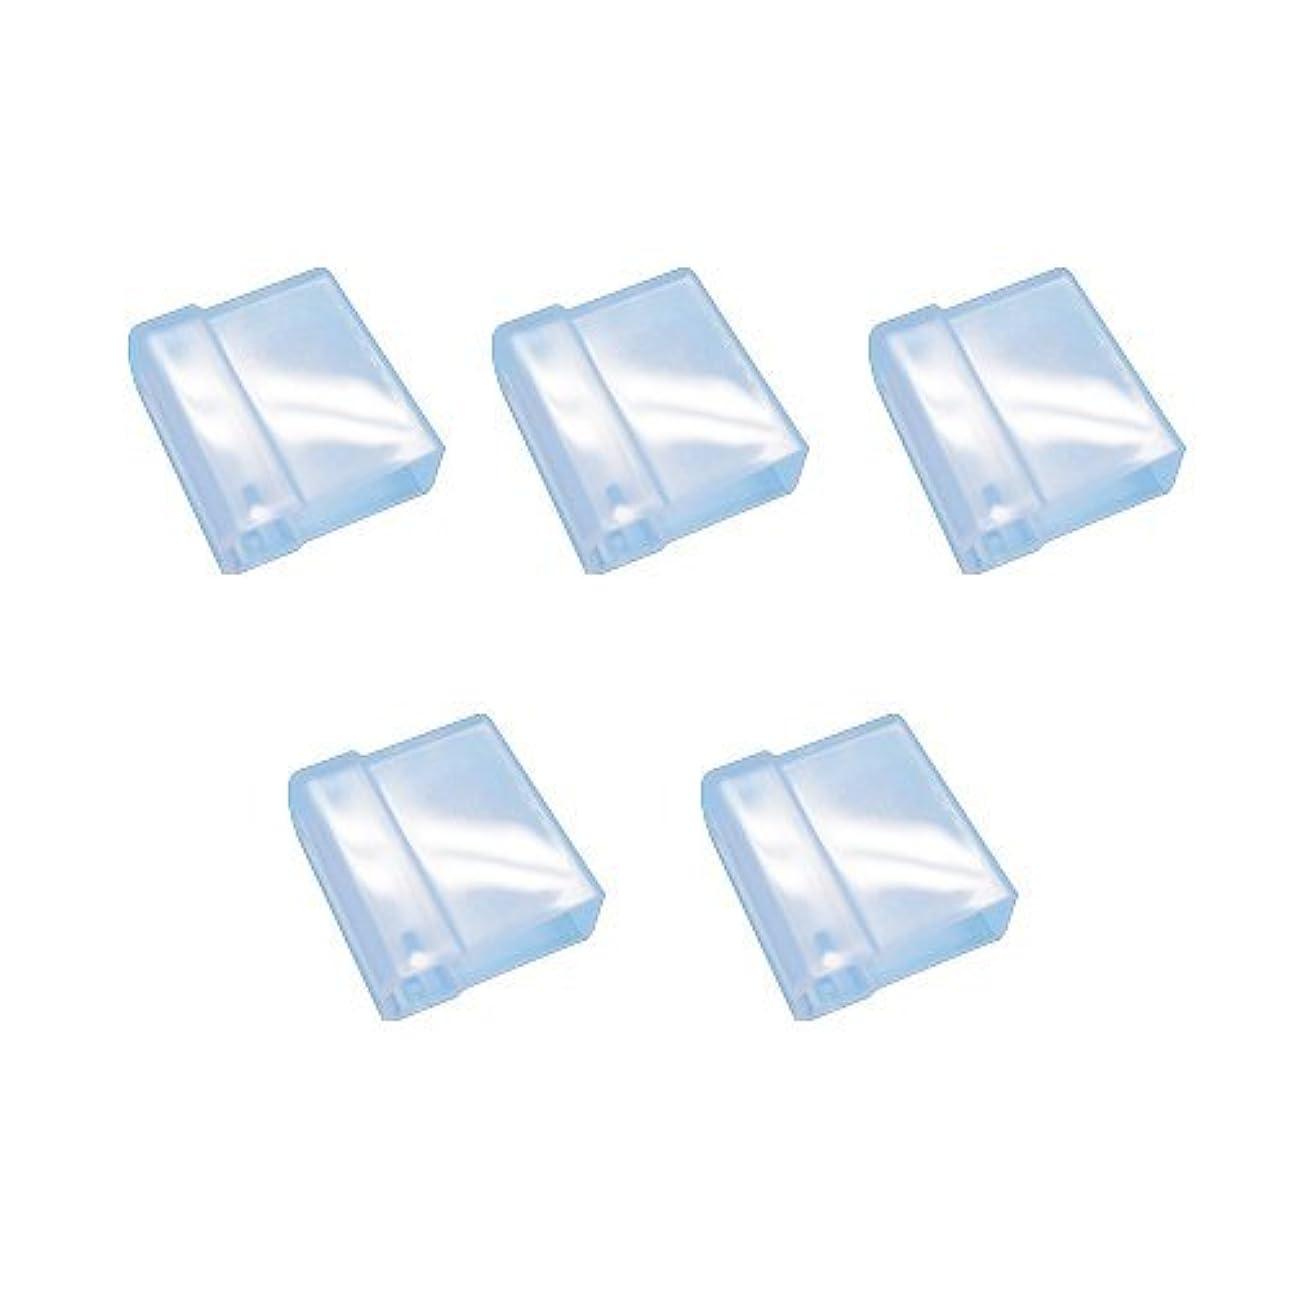 サバント訪問睡眠タフト24専用 スライド式キャップ 5個入